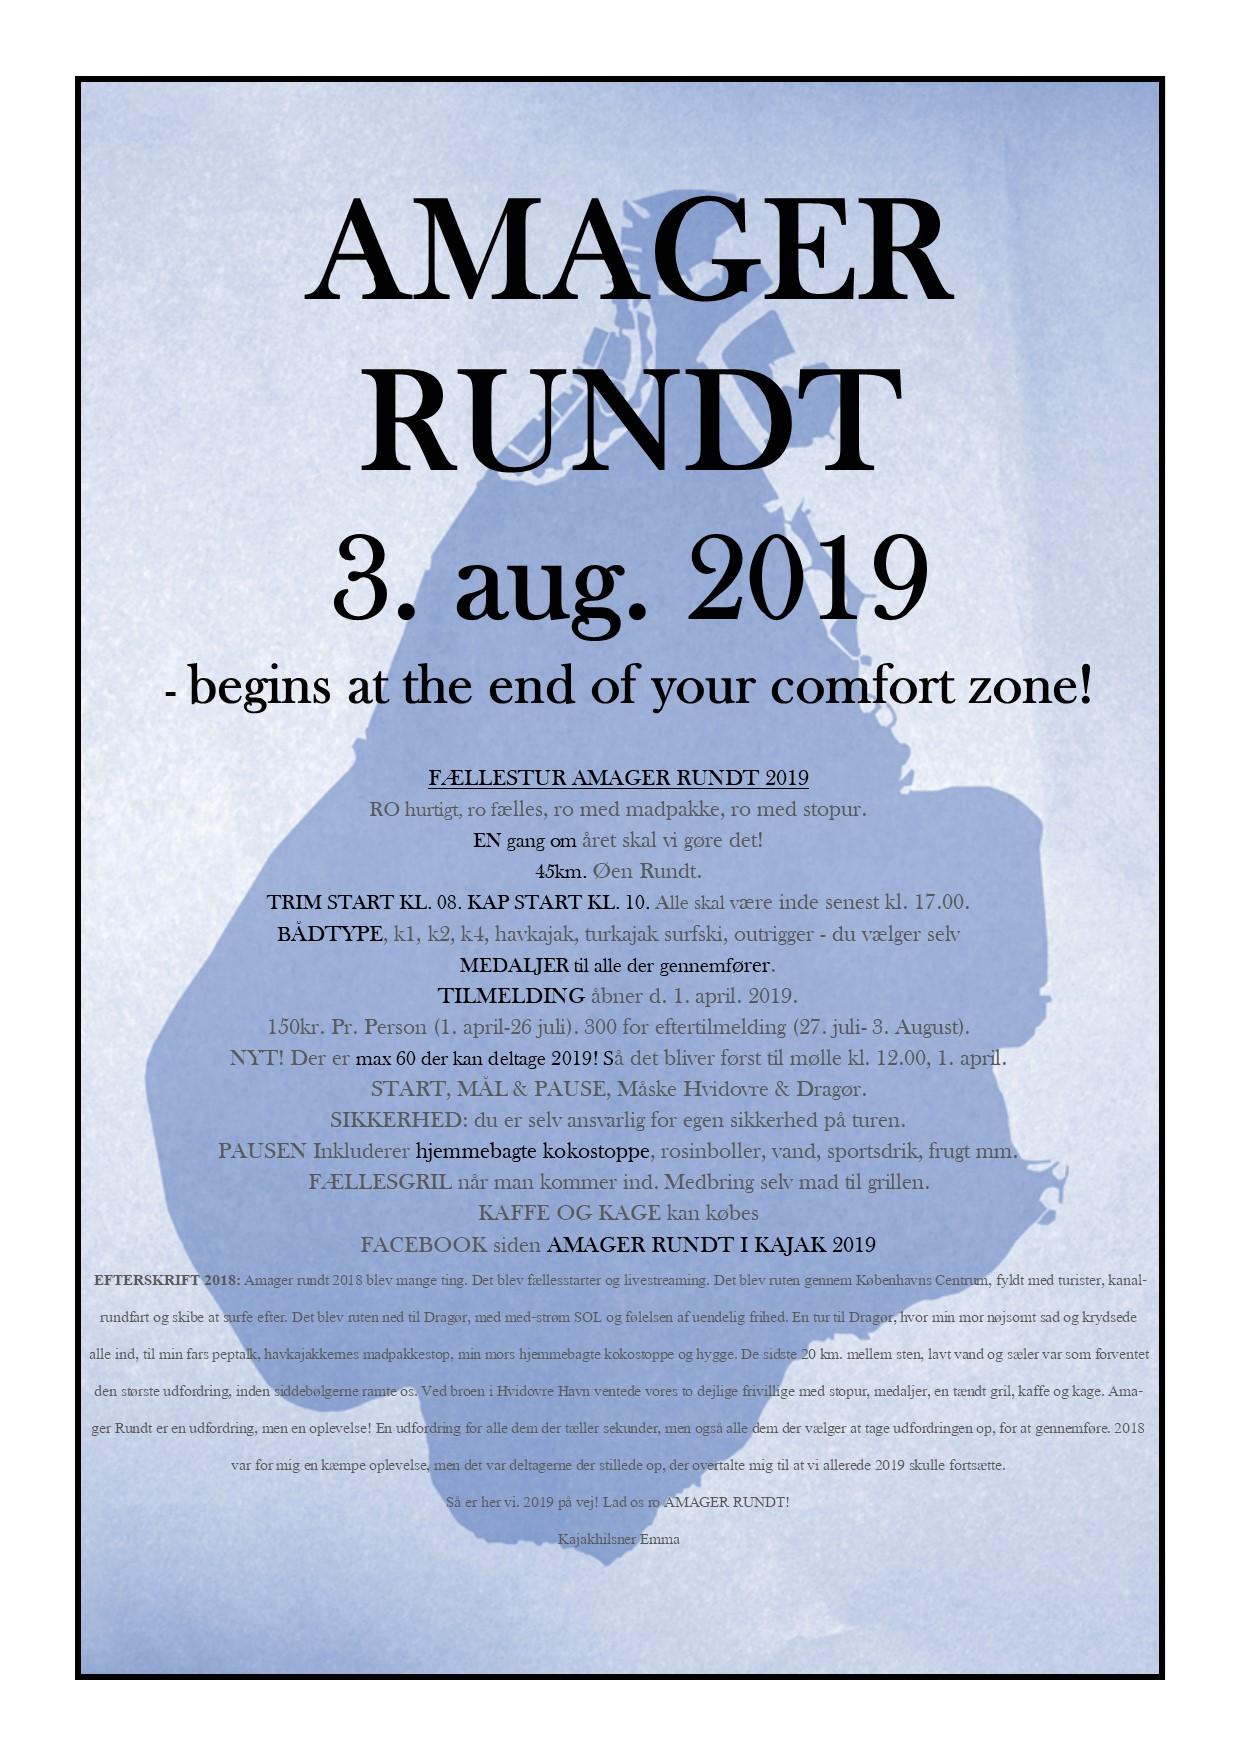 AMAGER RUNDT INVITATION.jpg